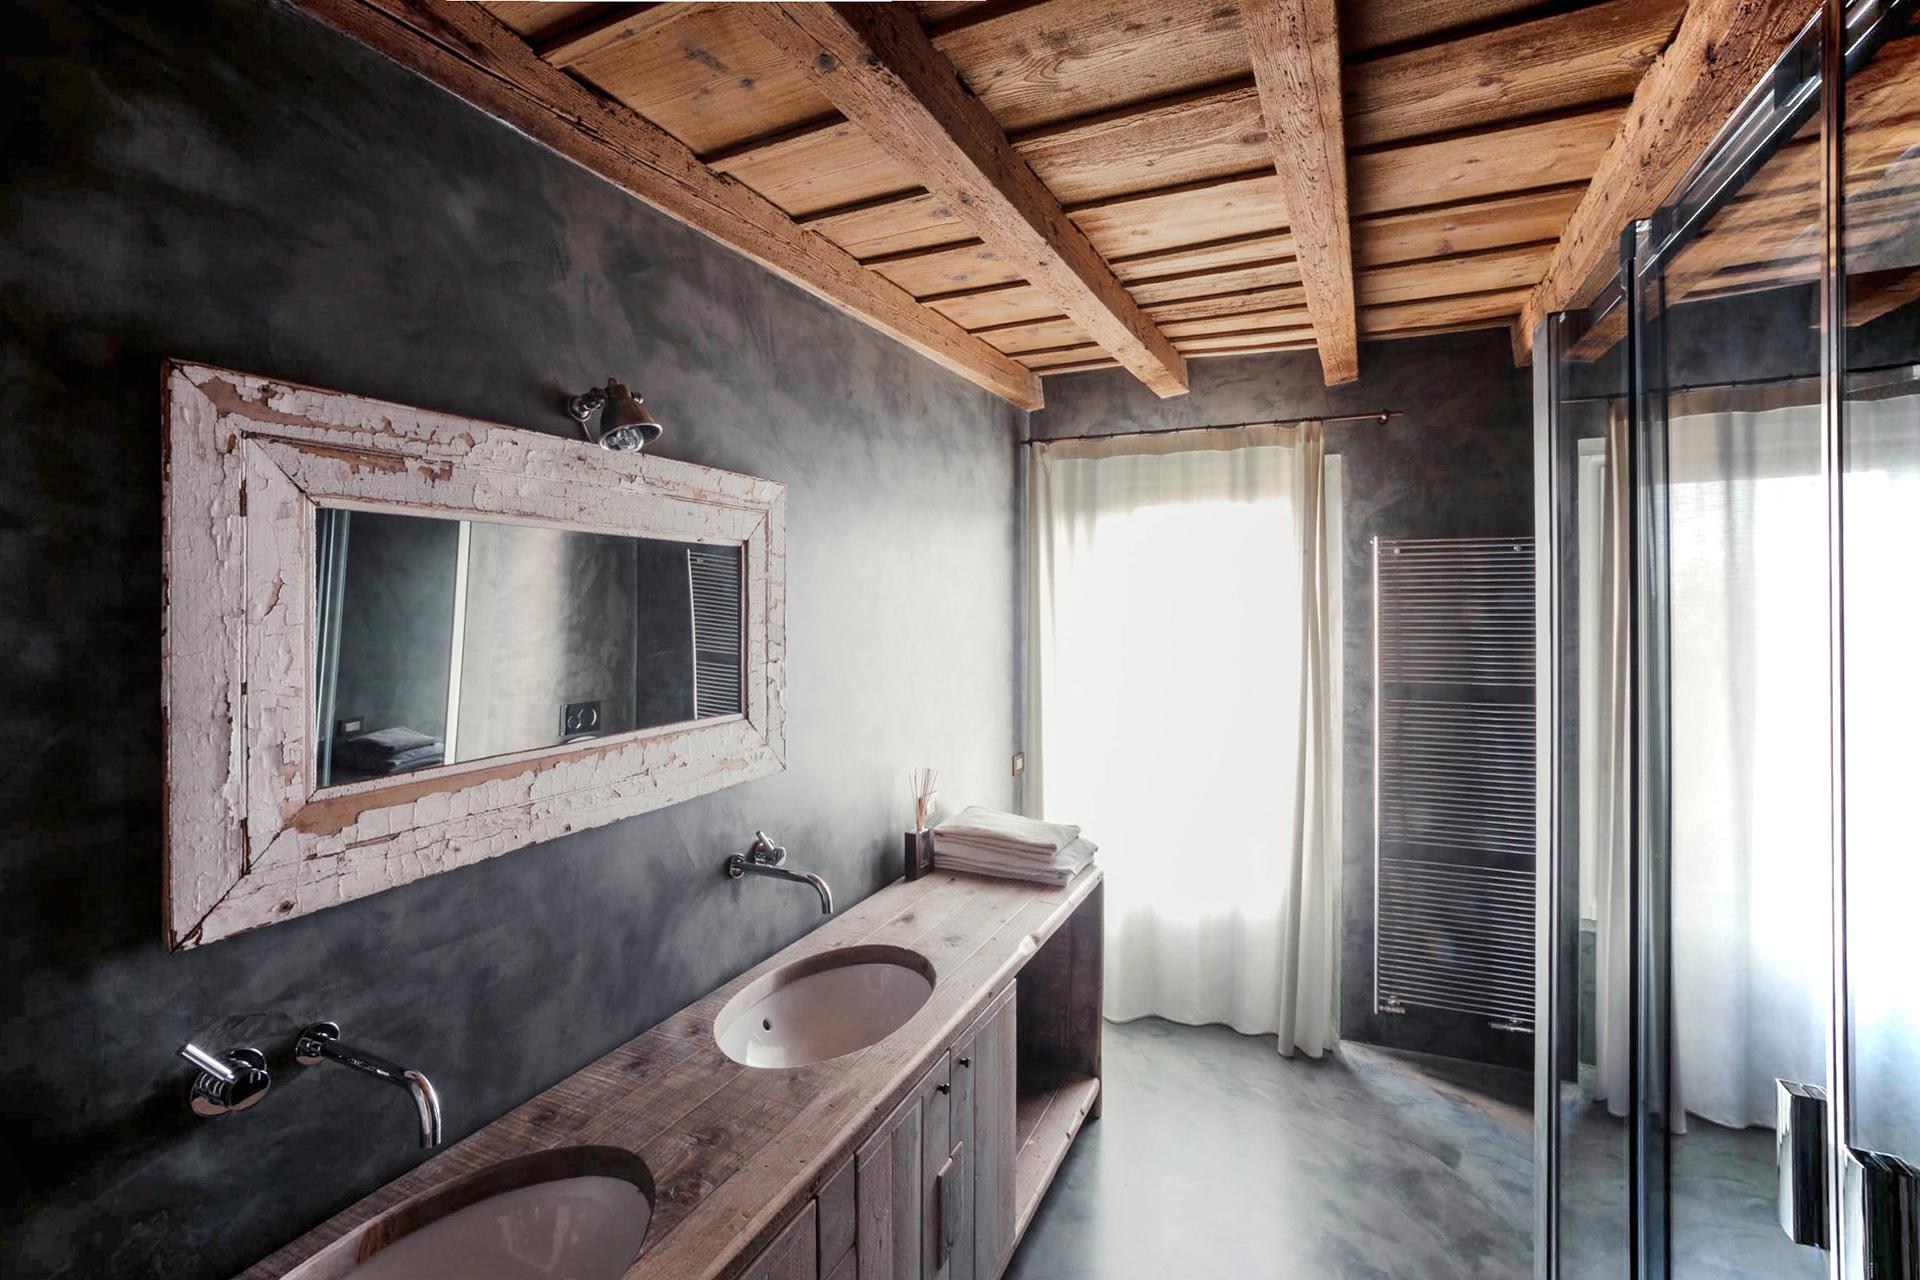 bagno resina legno vintage corte rustica